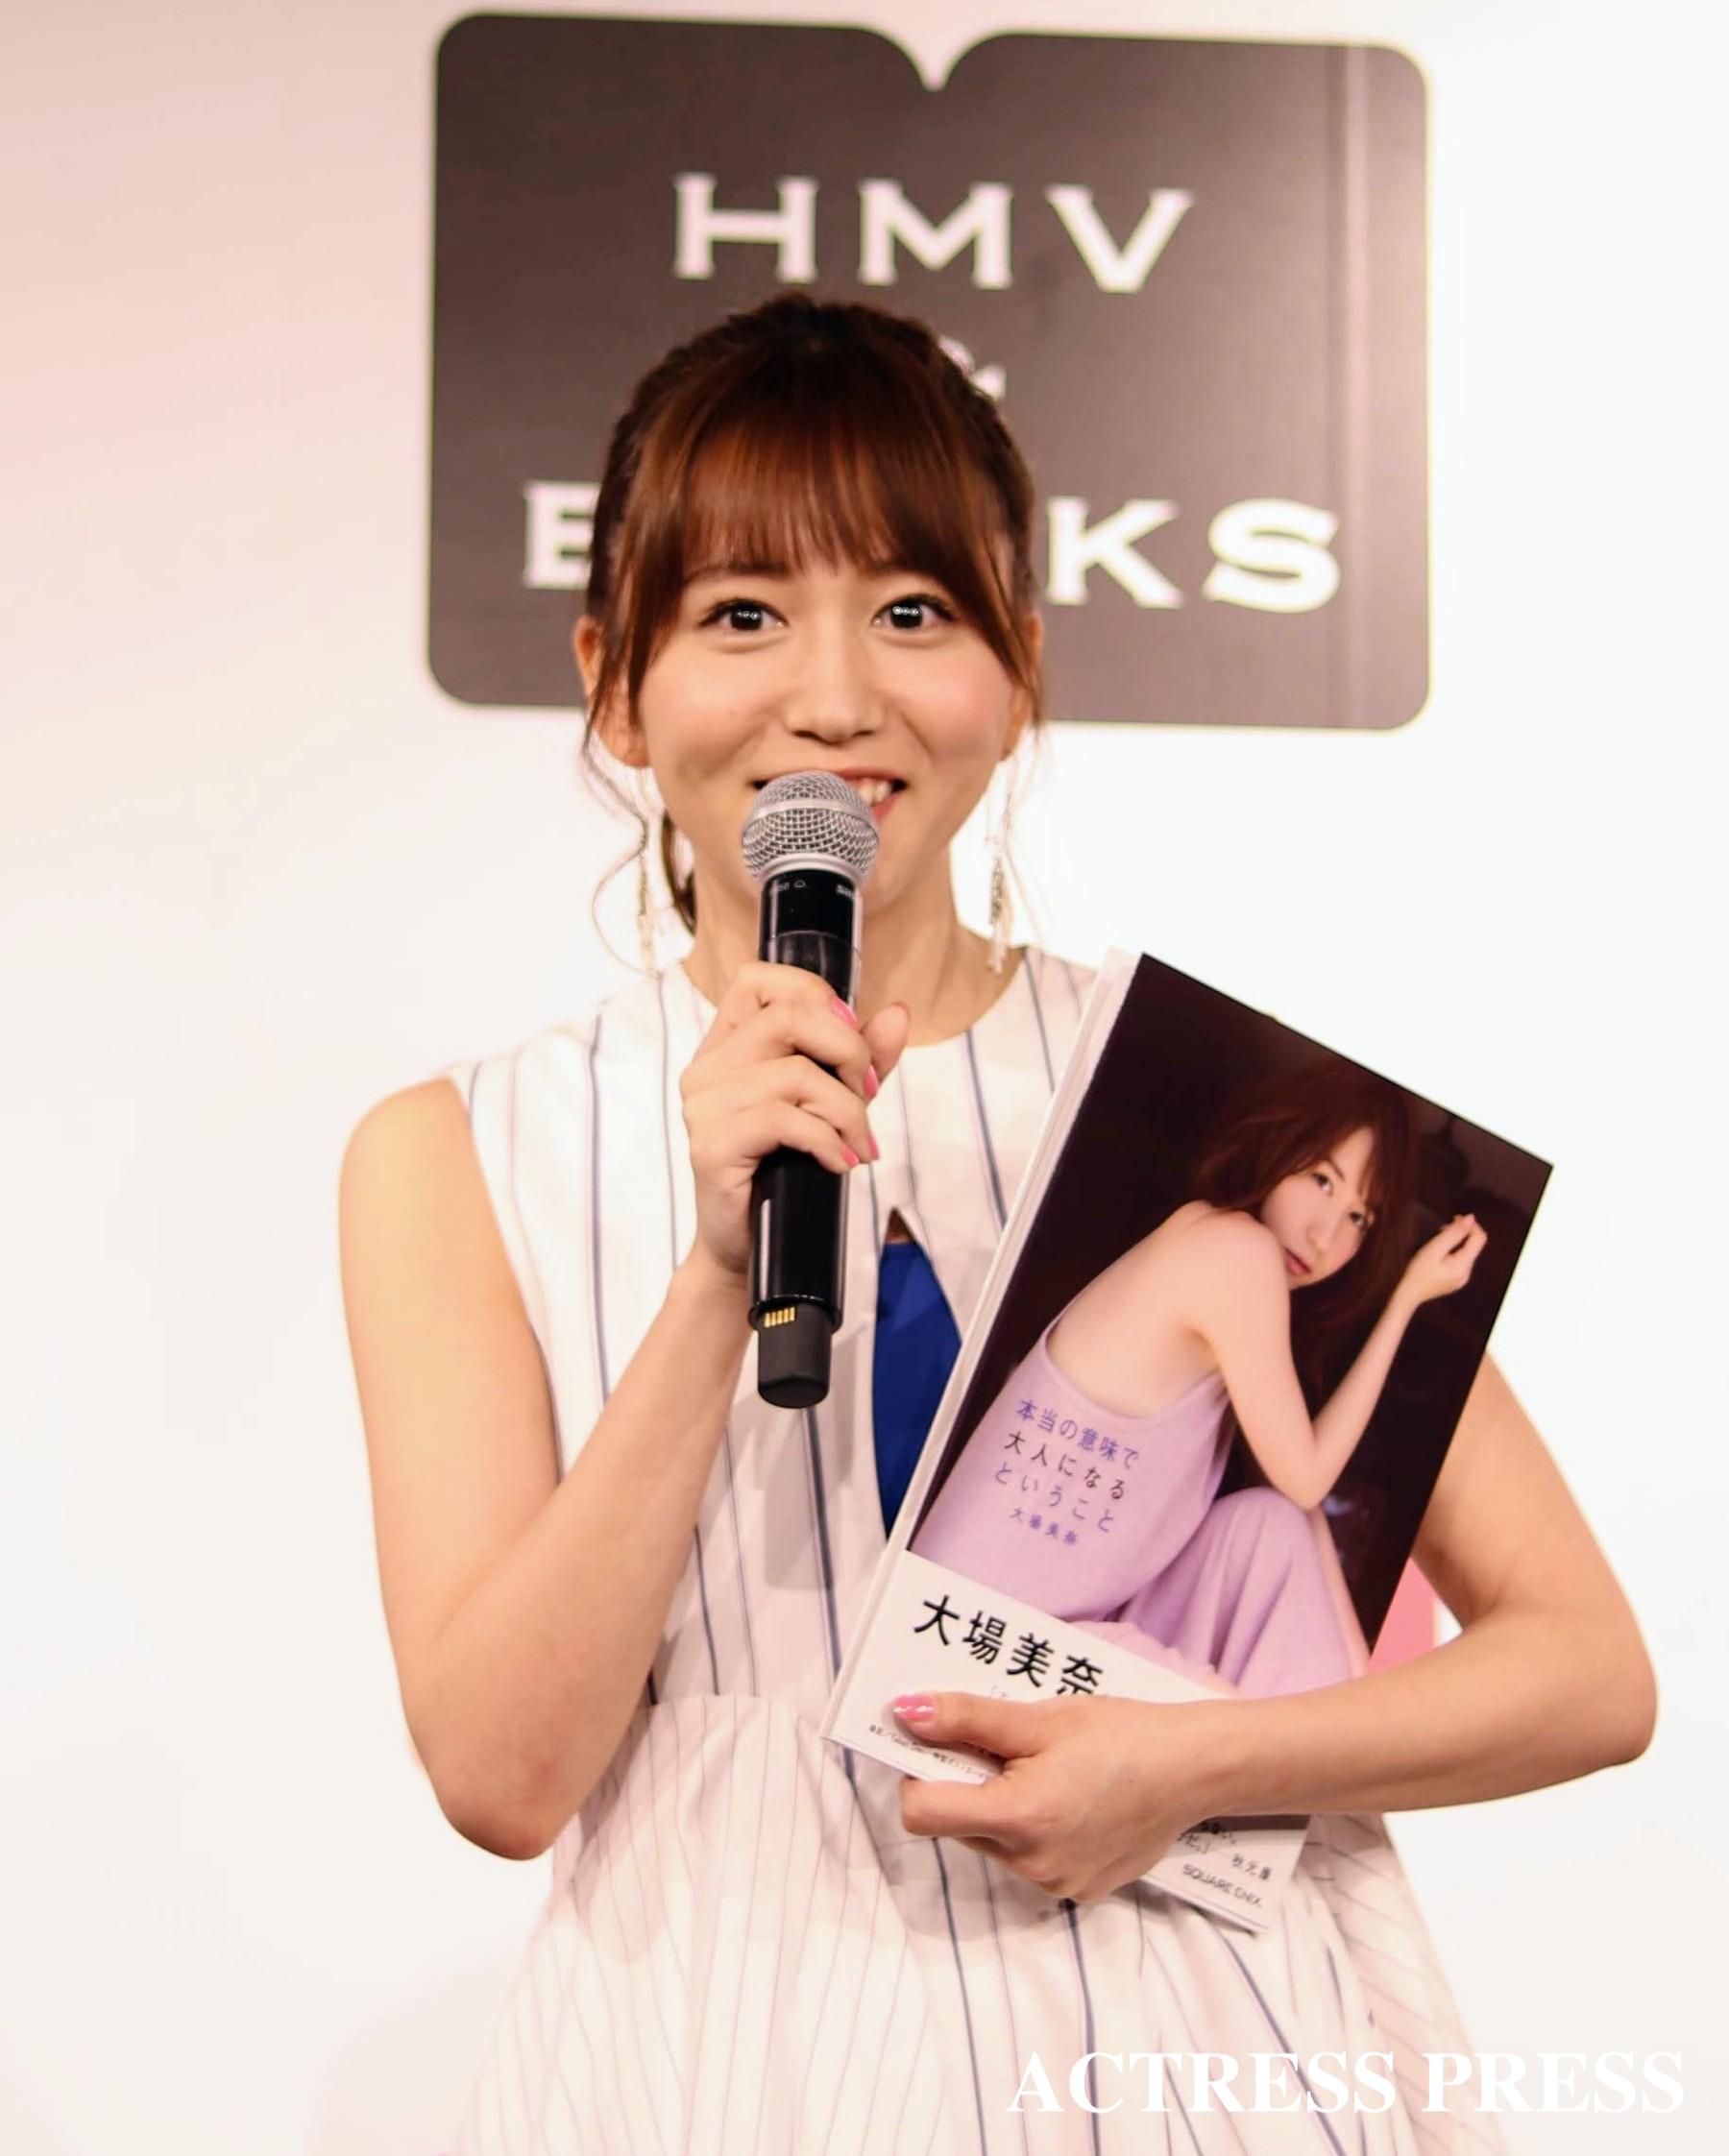 大場美奈(おおば みな/SKE48)2019年8月4日、HMV&BOOKS SHIBUYA での写真集発売記念イベントにて。撮影:ACTRESS PRESS編集部